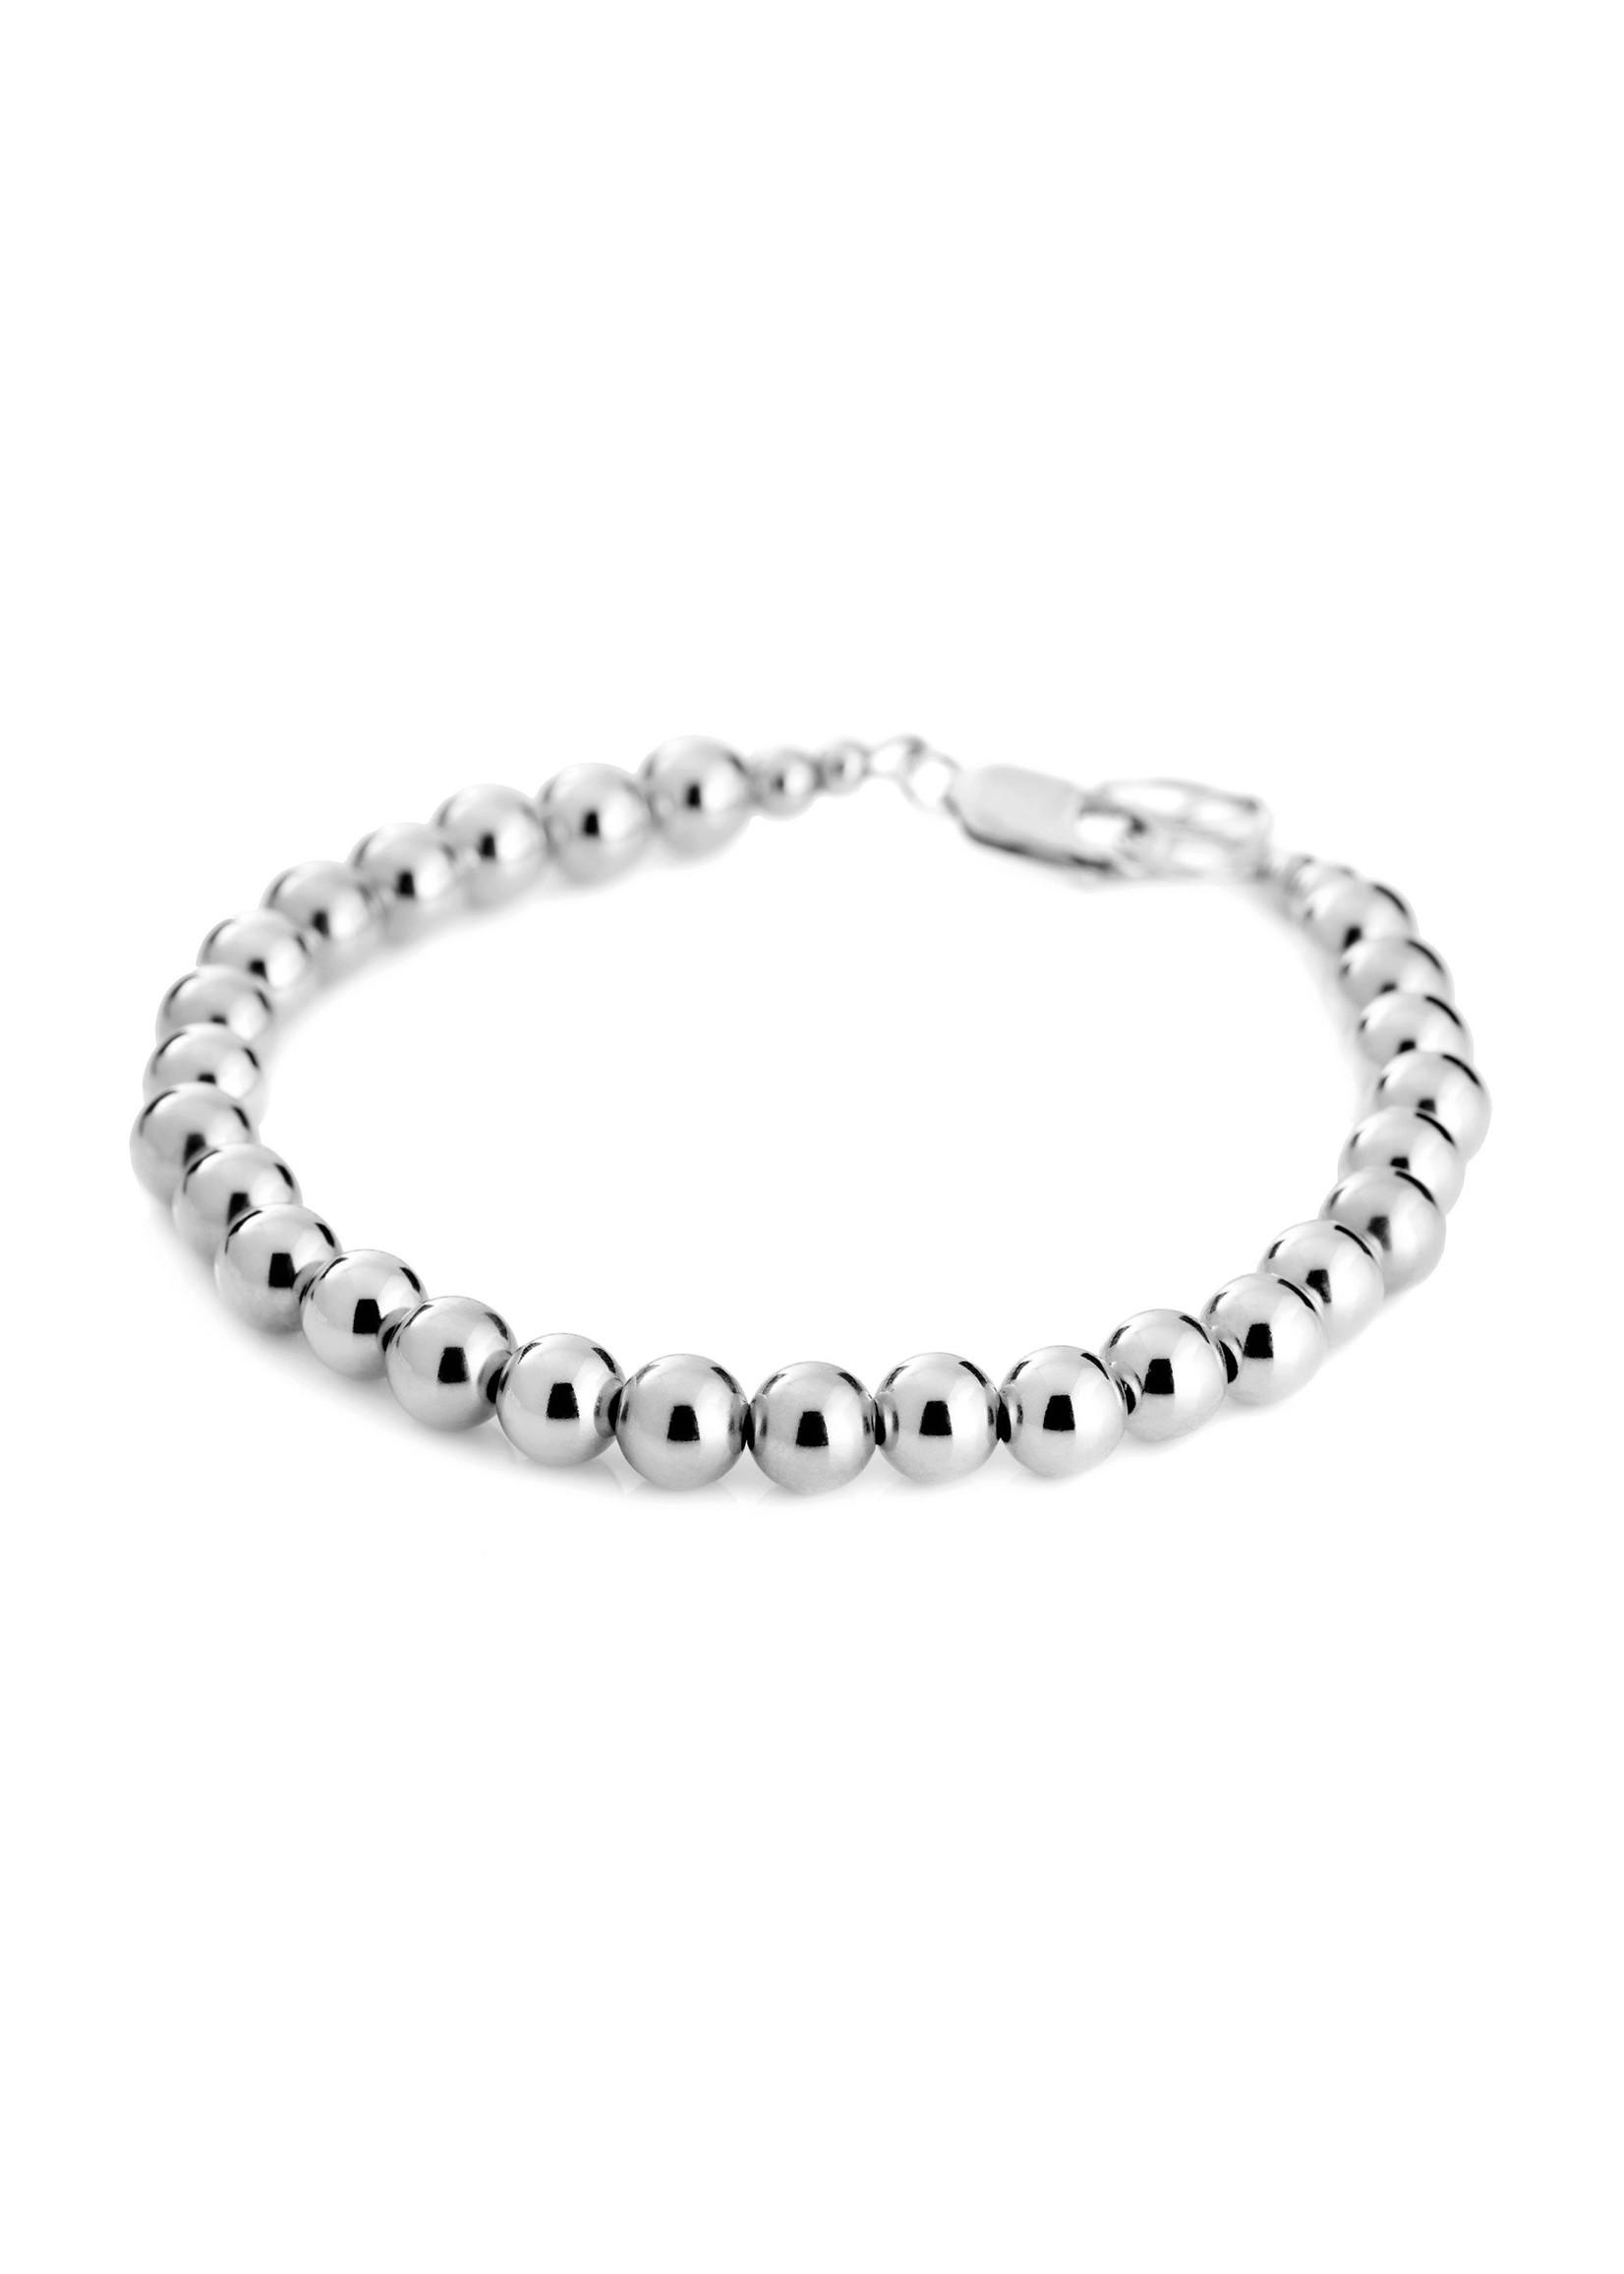 Lolo Jewellery Ball Bracelet - Silver